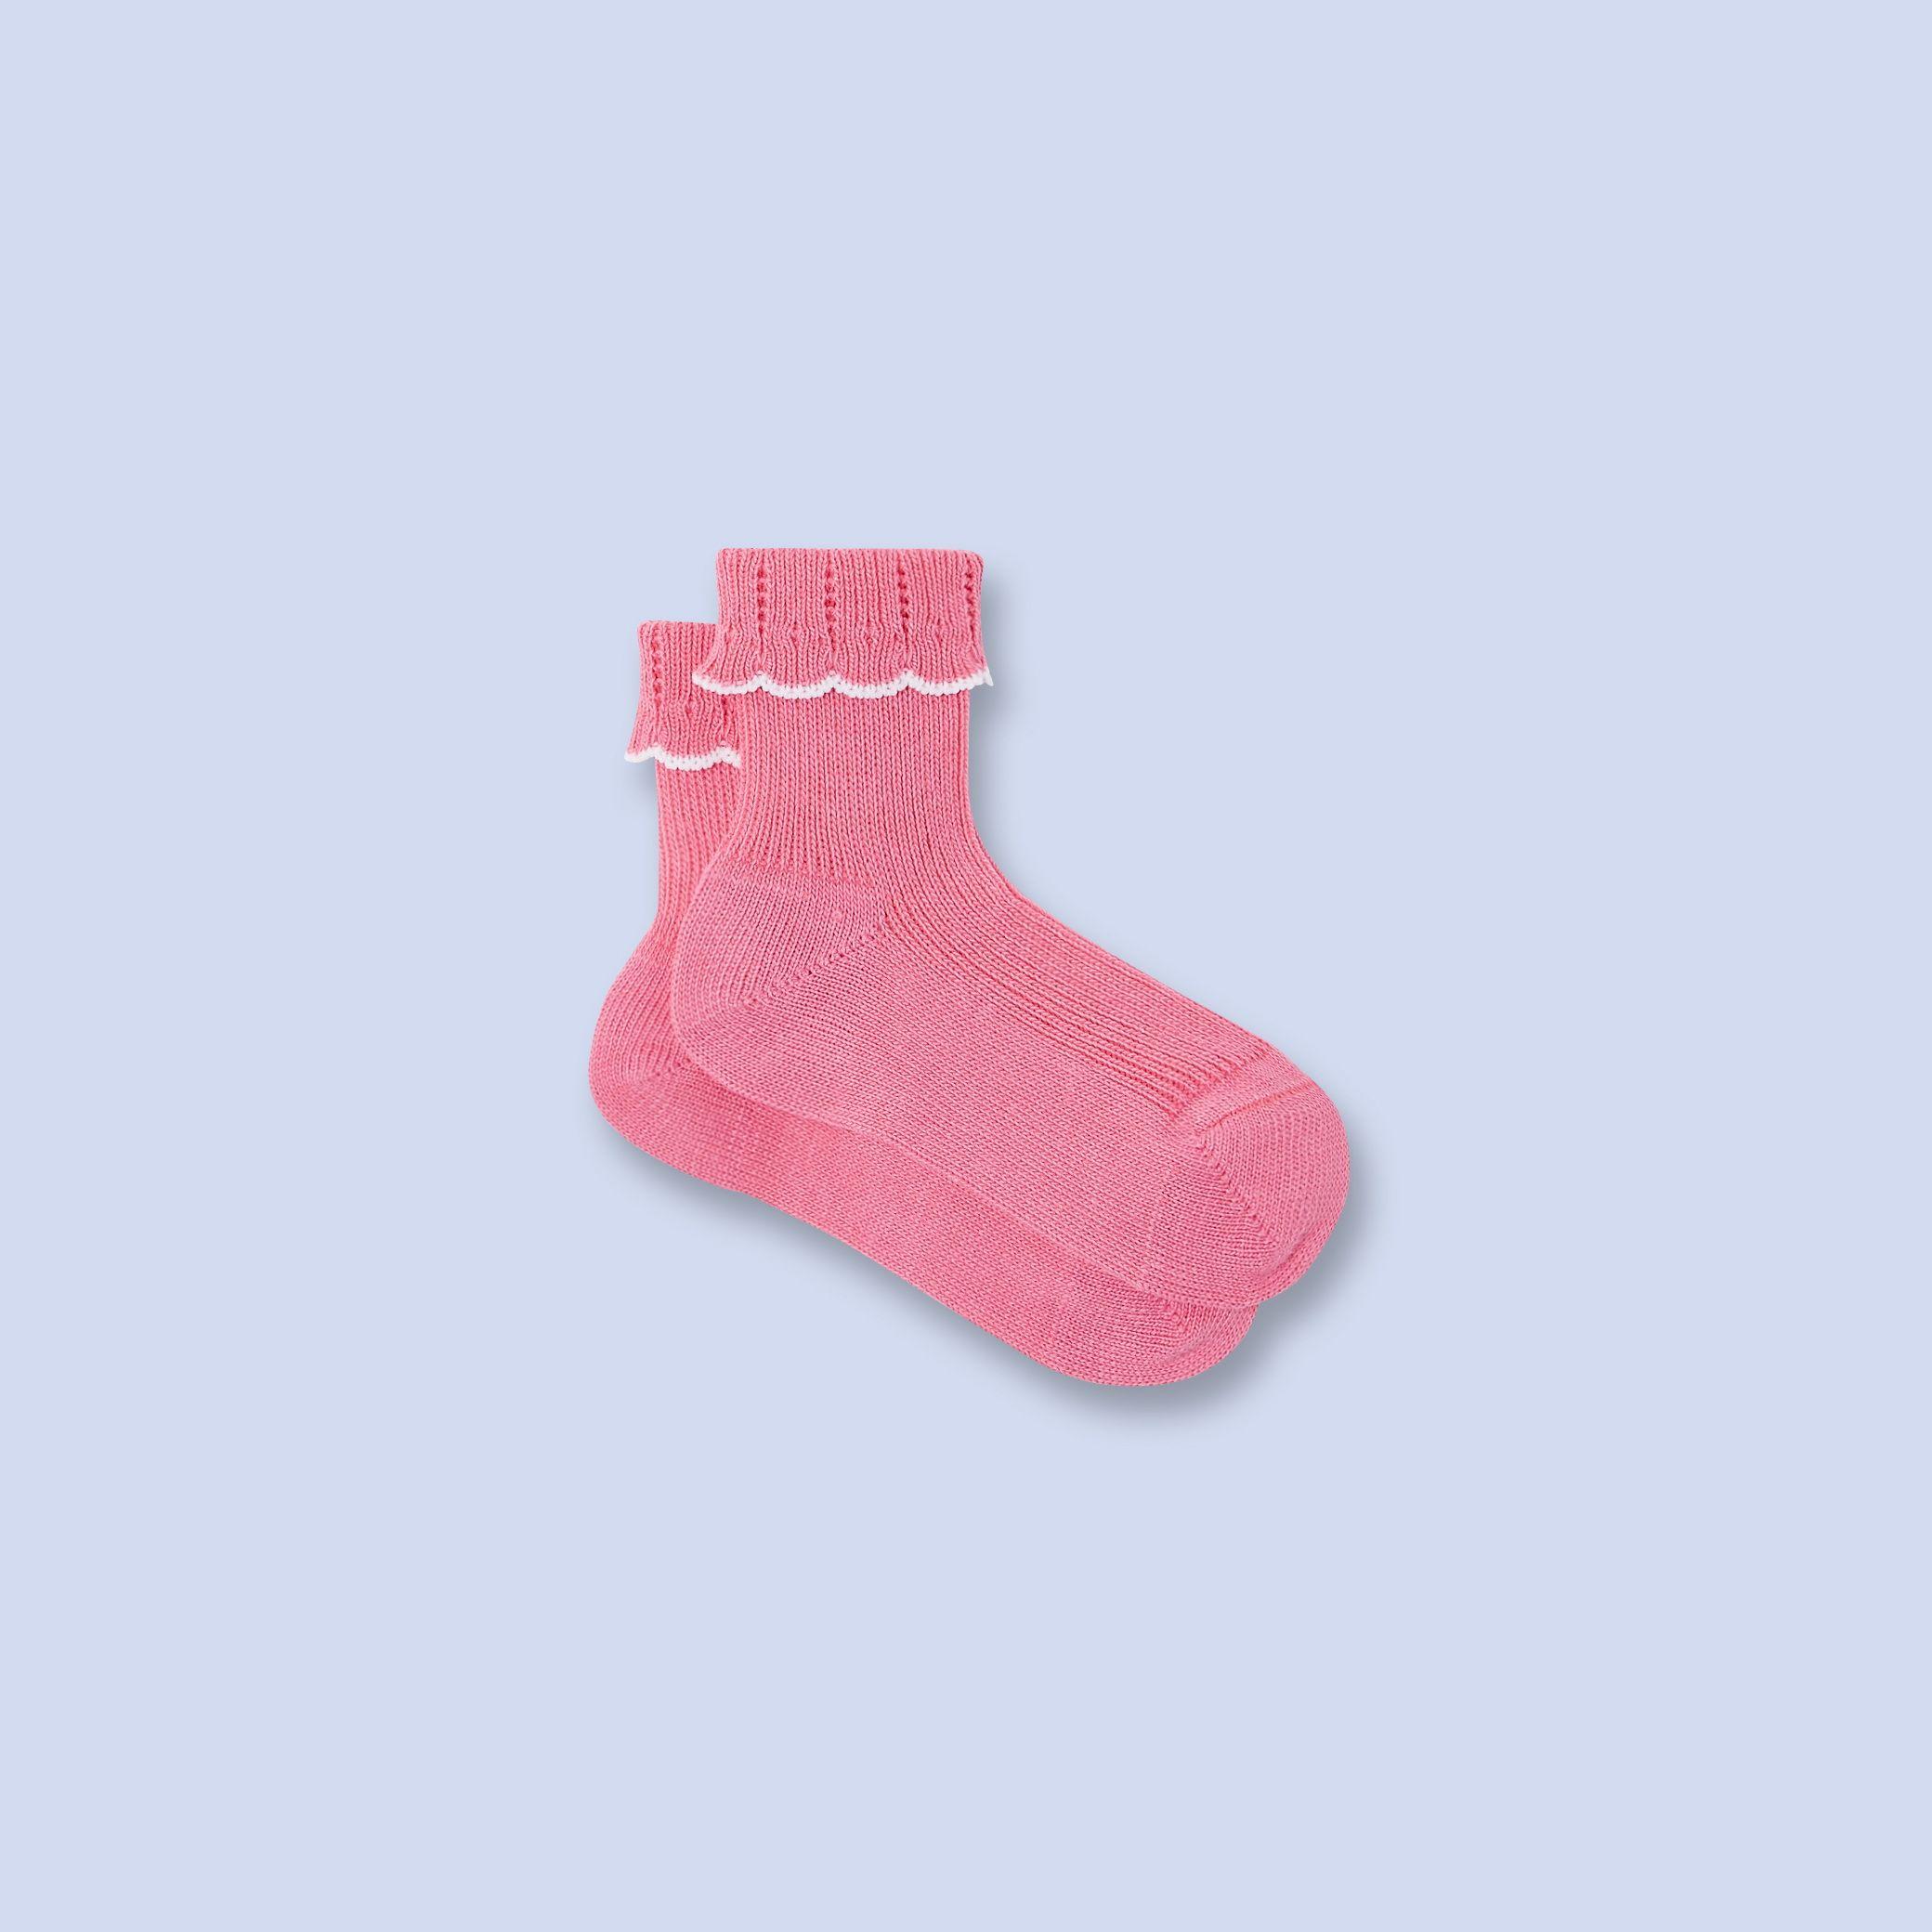 Scalloped socks for baby girl Accessories Pinterest